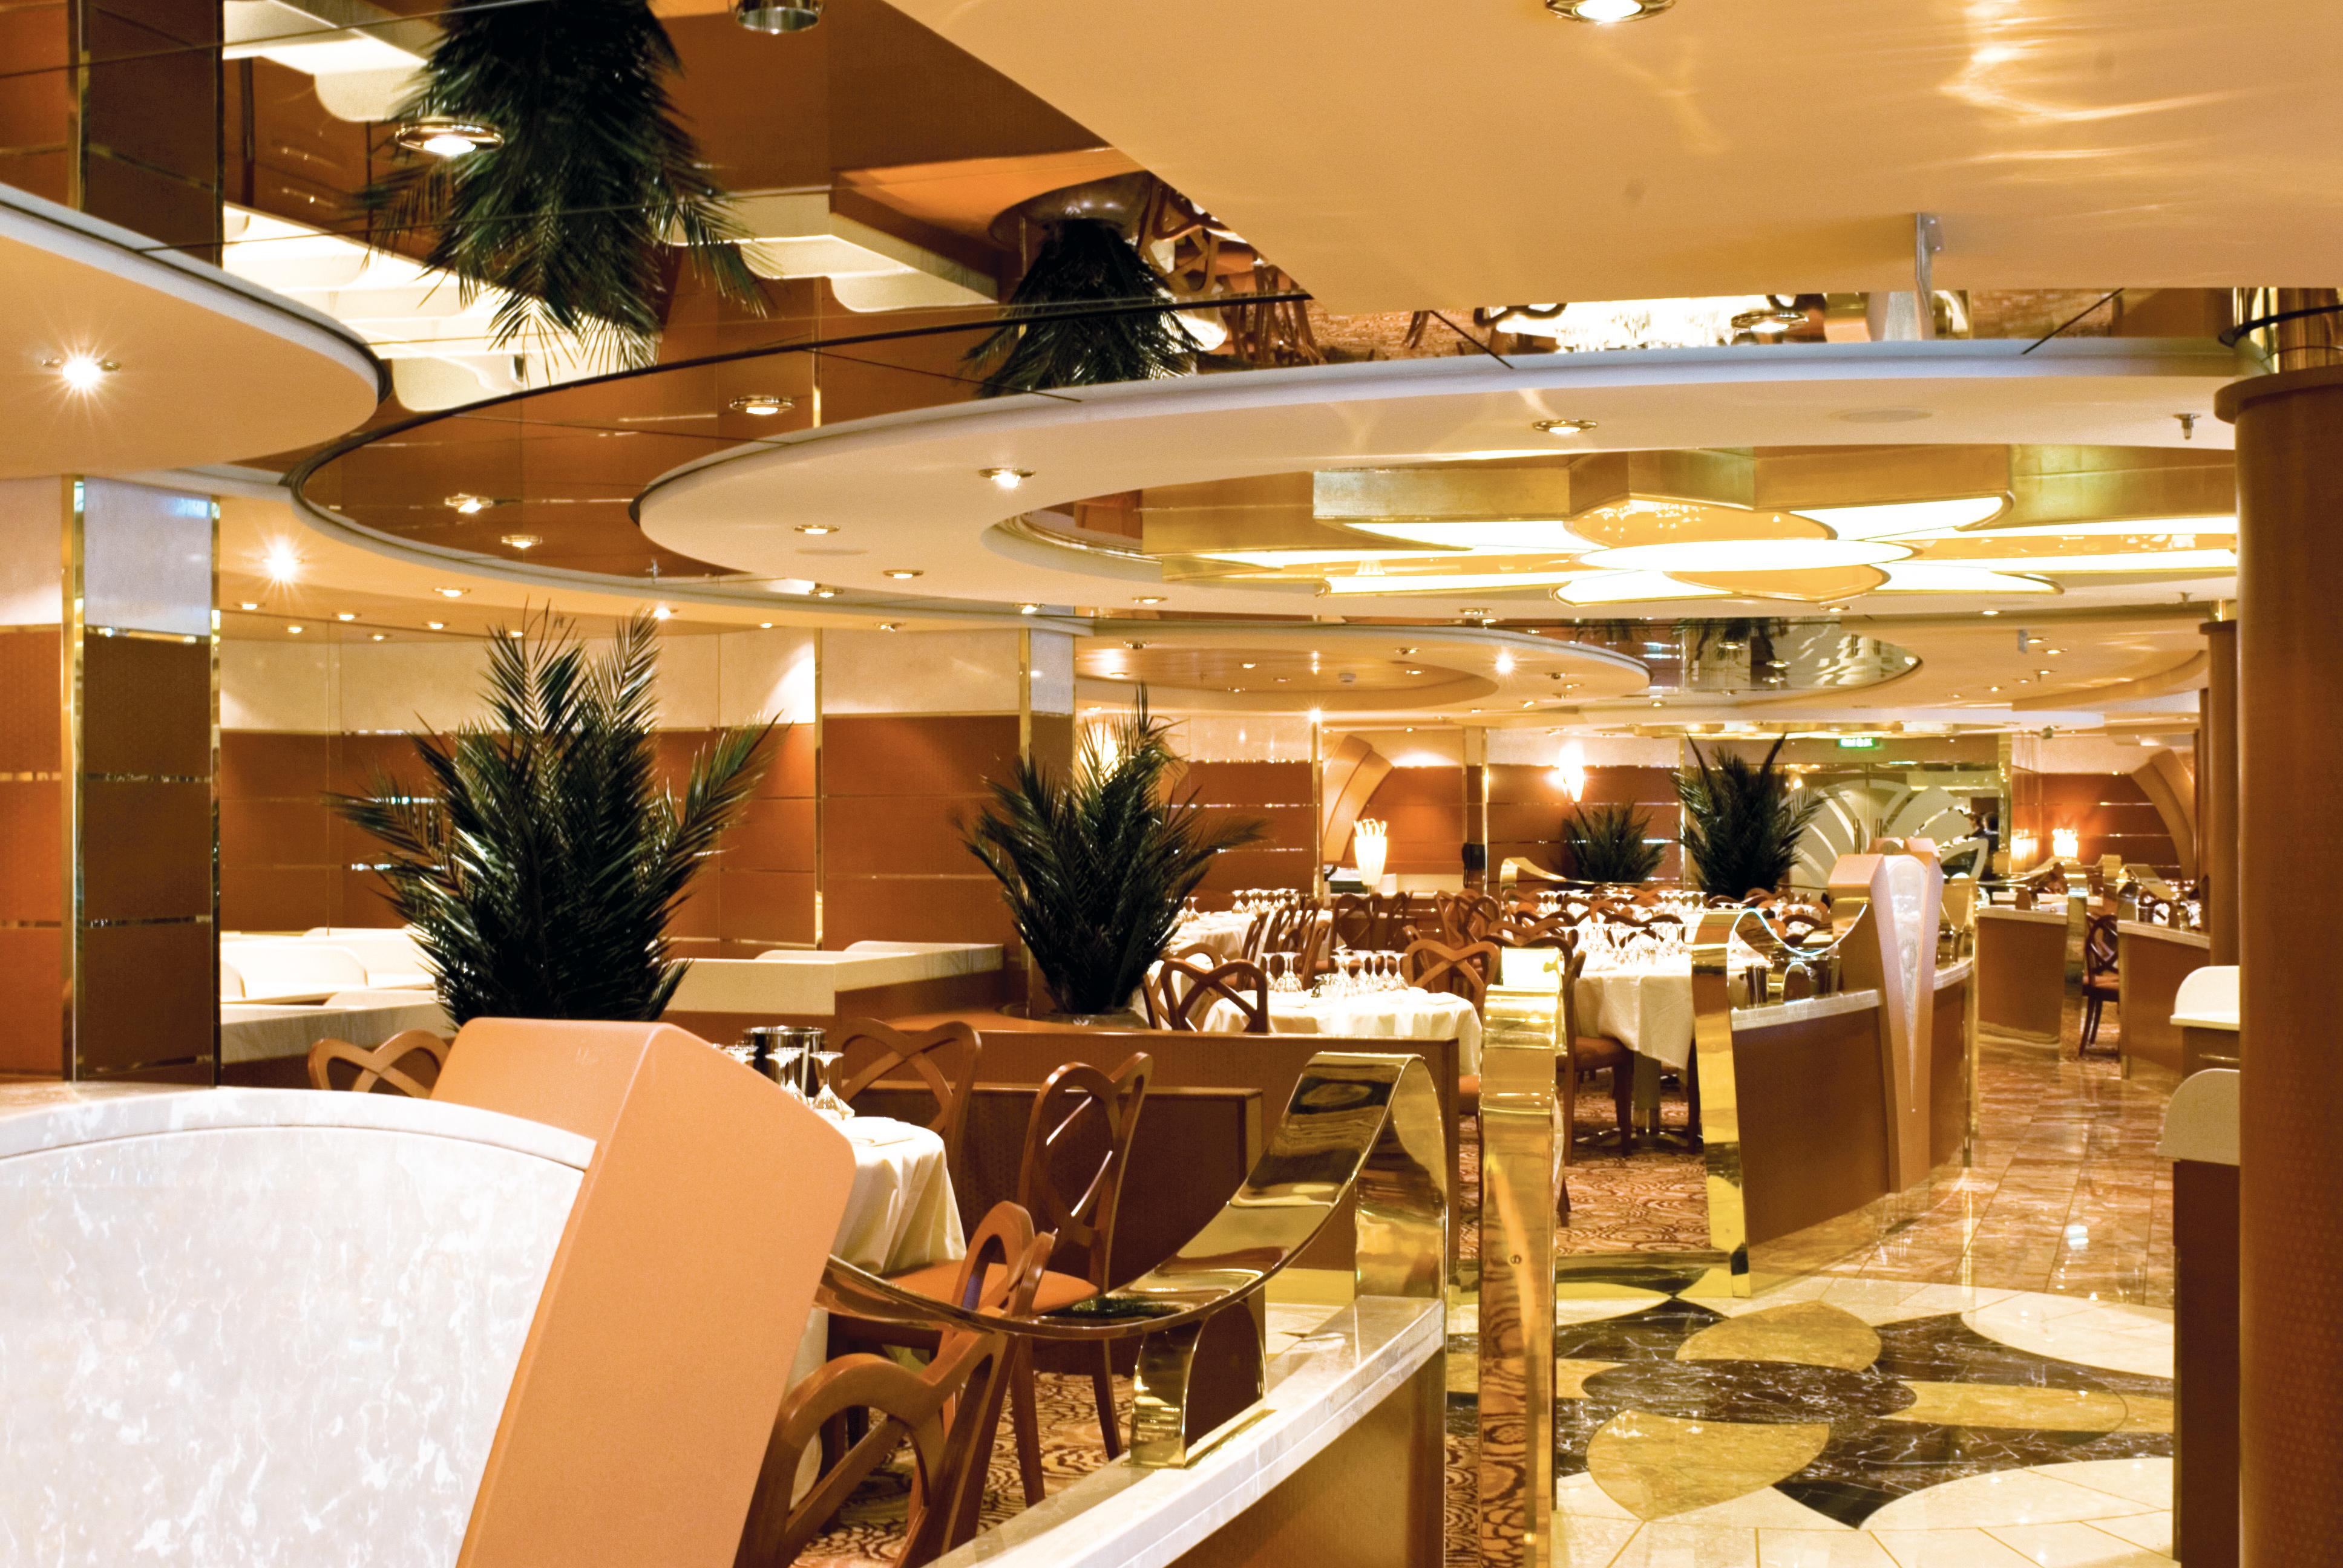 MSC Musica Class main restaurant 1.jpg